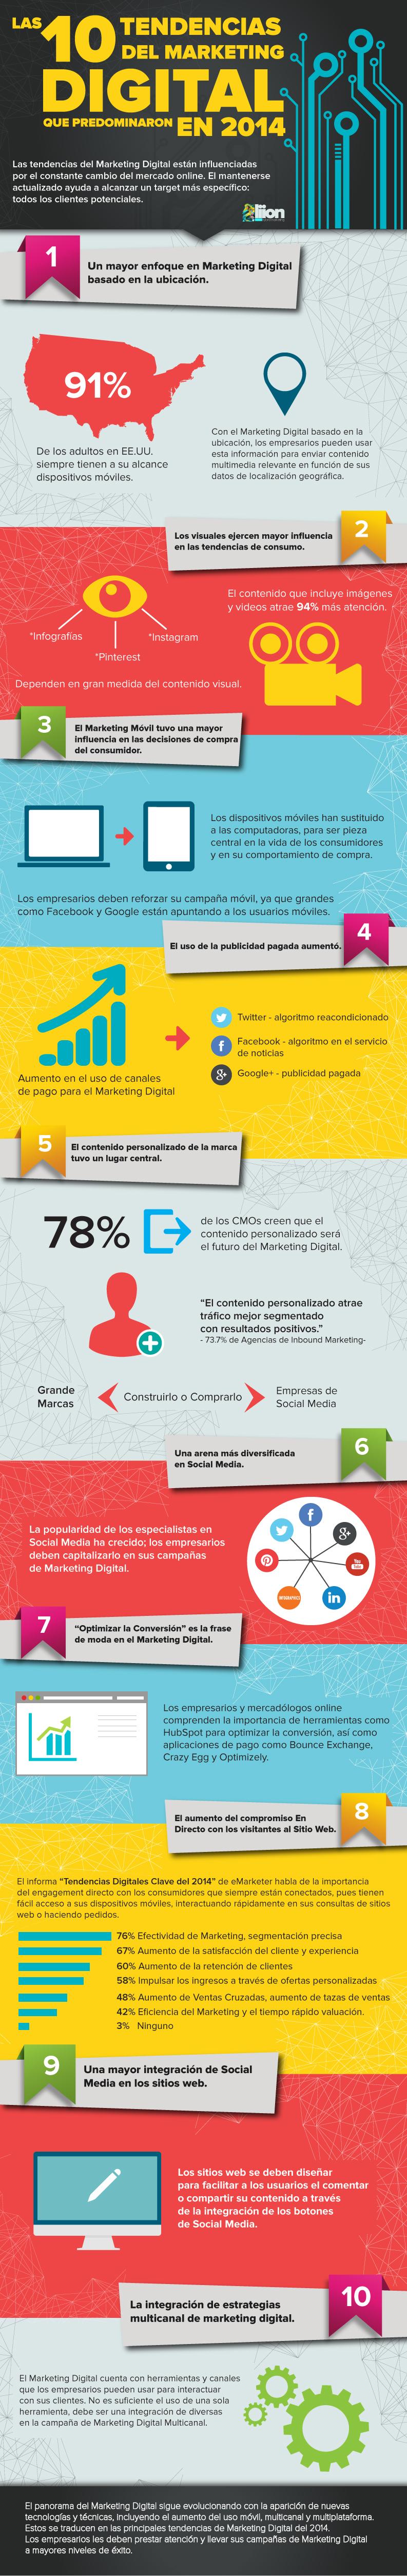 10 tendencias en Marketing Digital que triunfaron en 2014